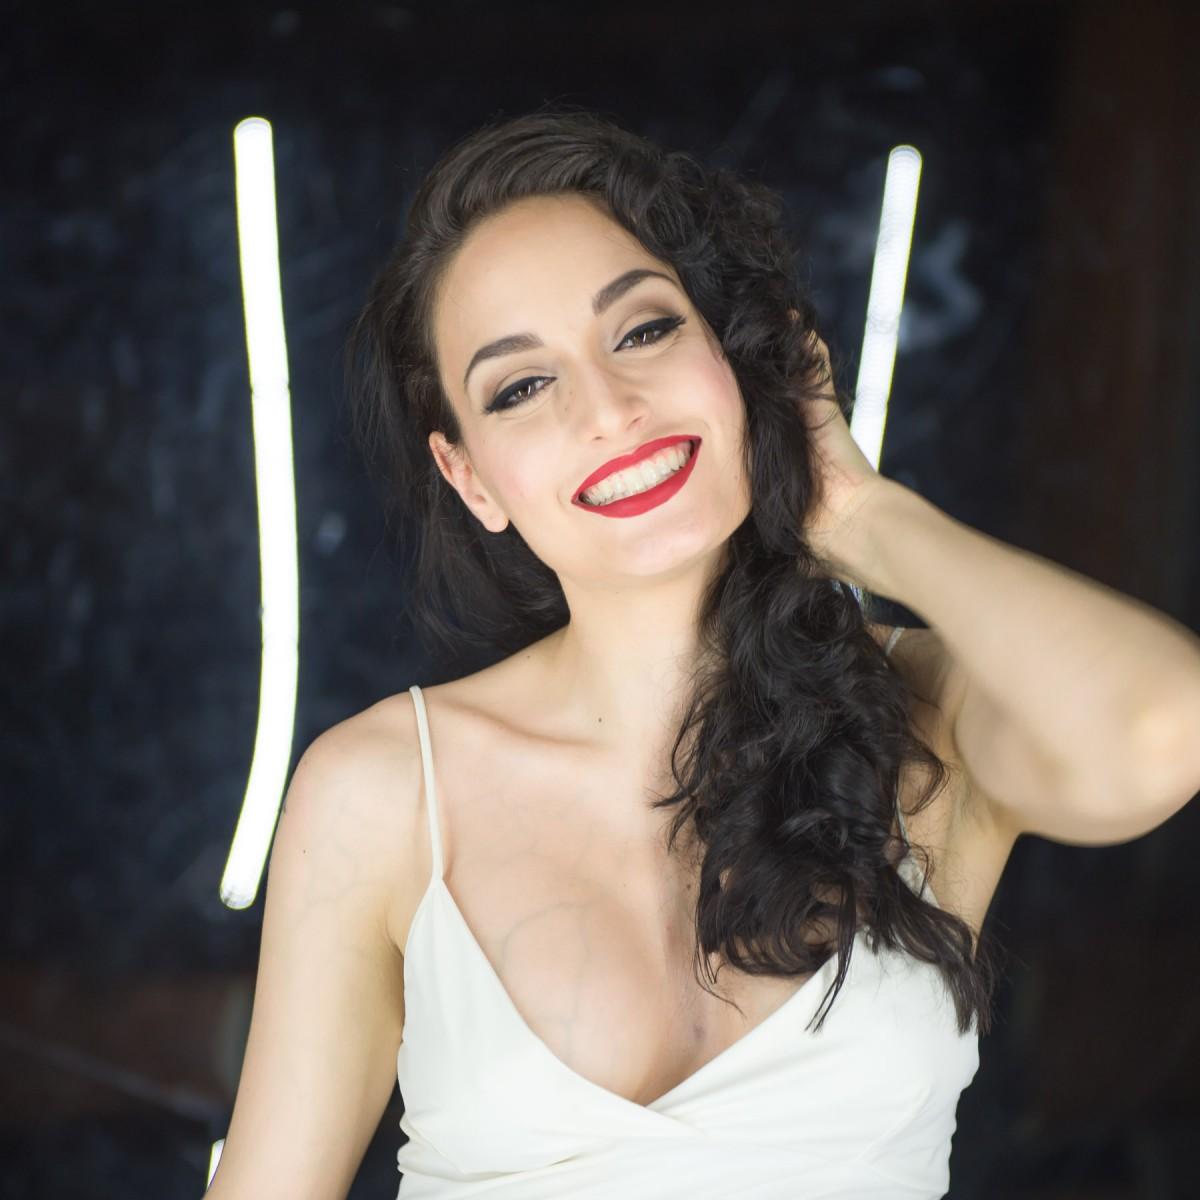 Rita Lynch - Smile